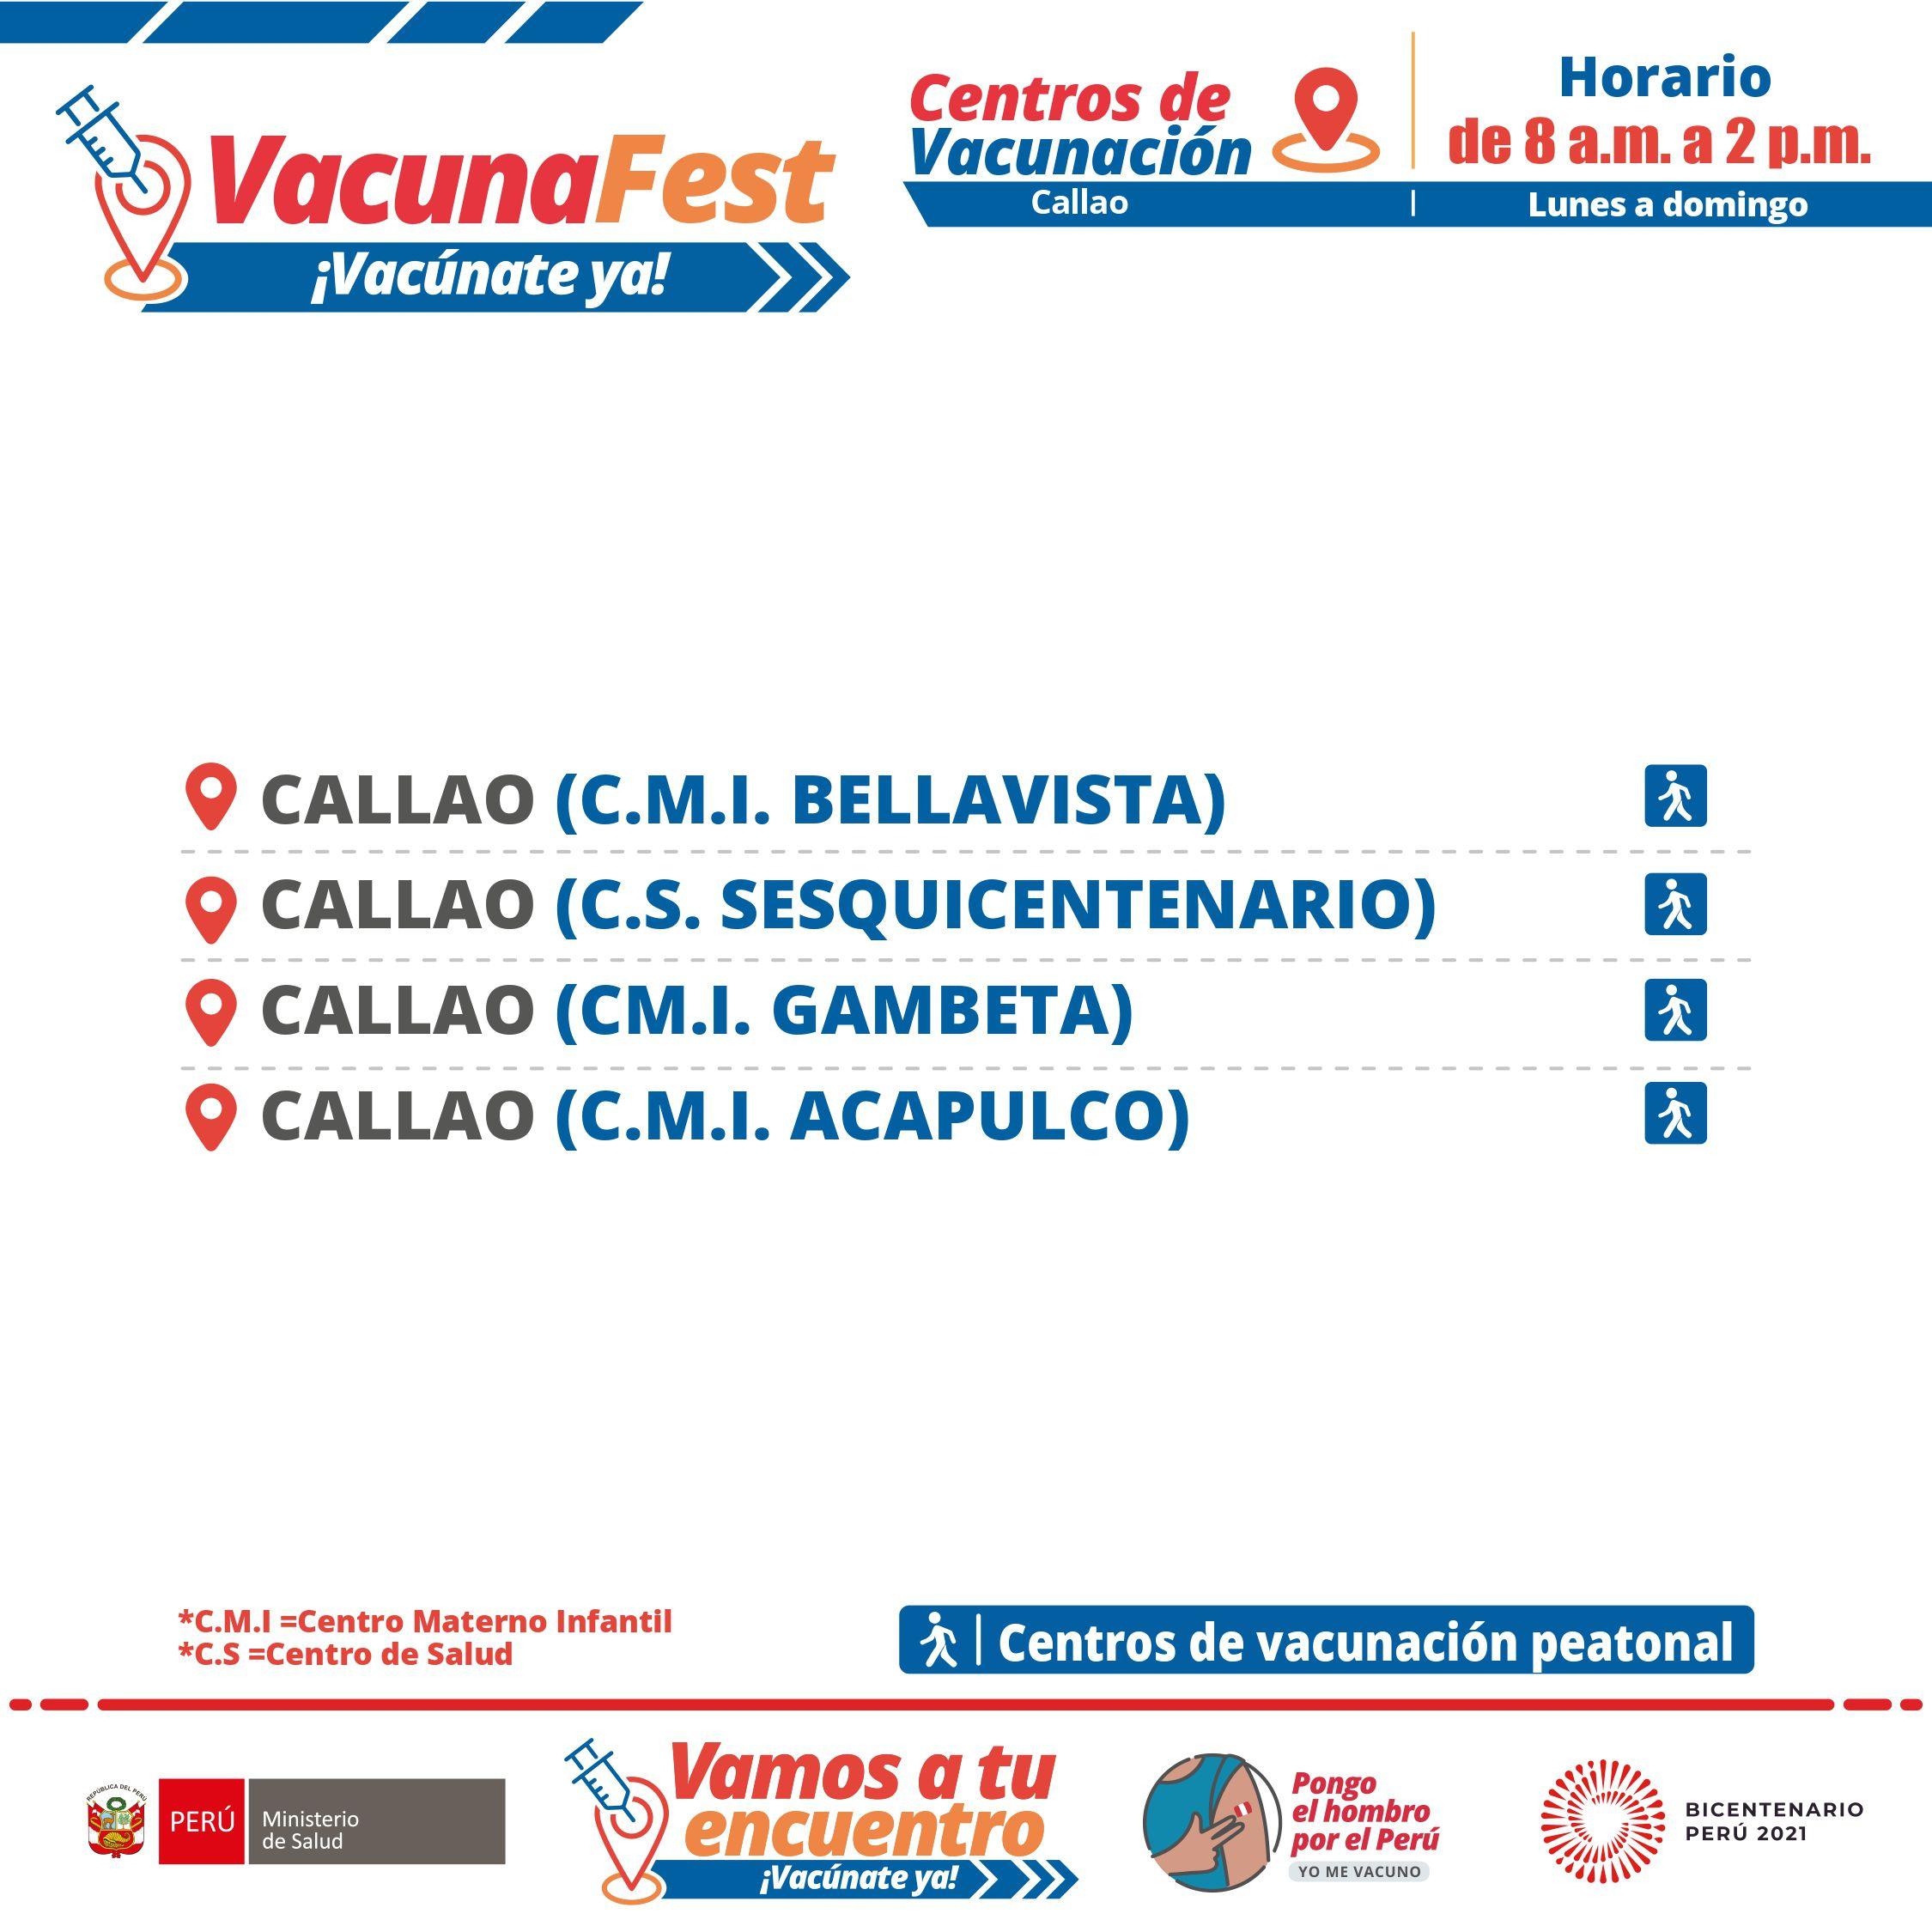 Centros de vacunación peatonal.